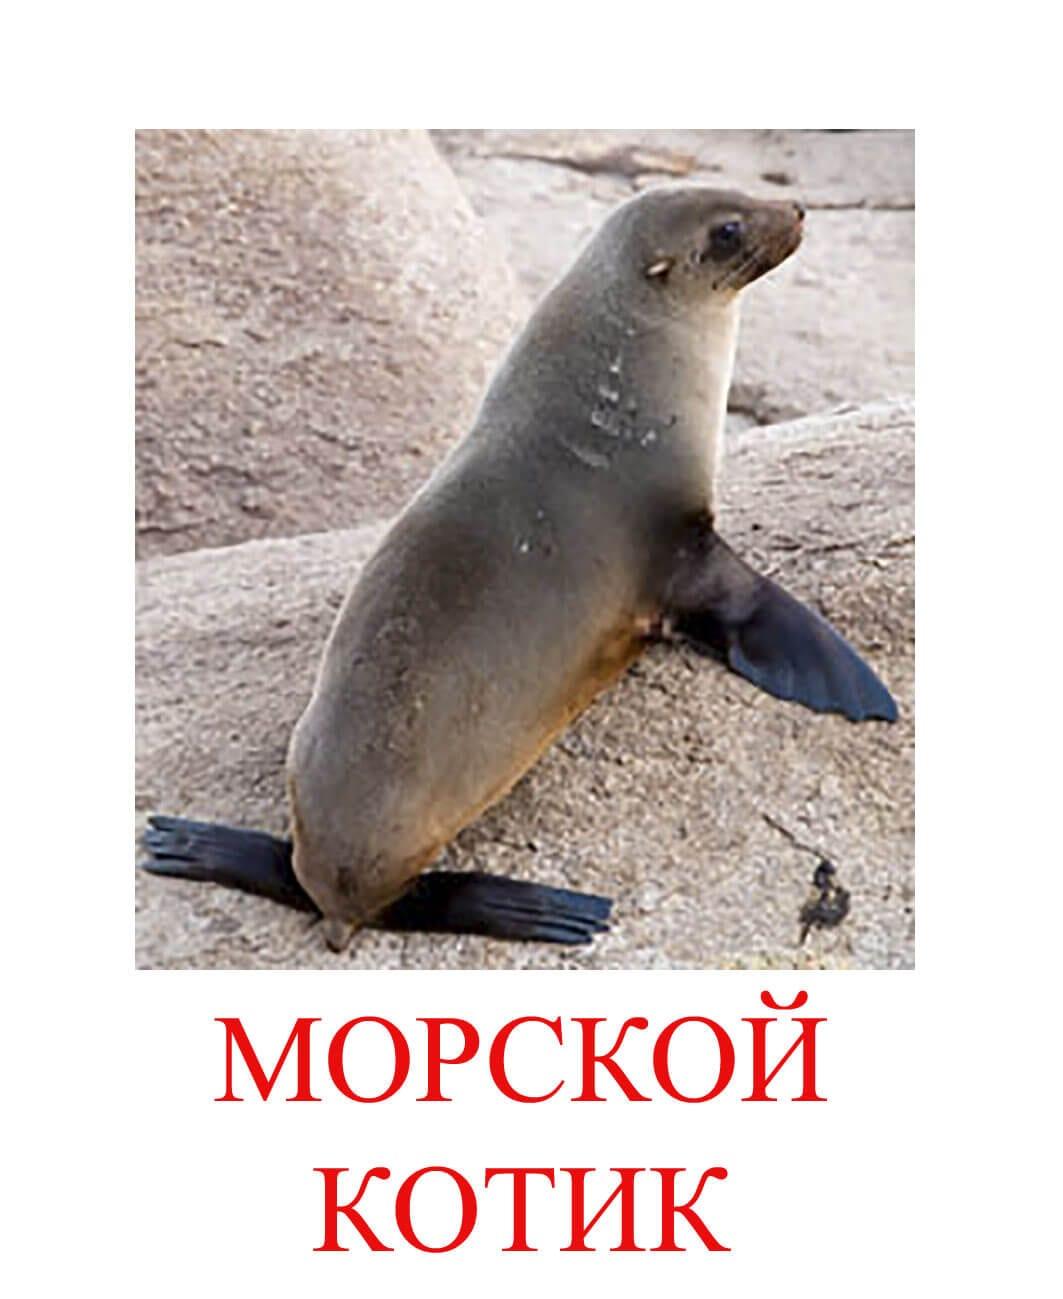 морской котик картинки для детей